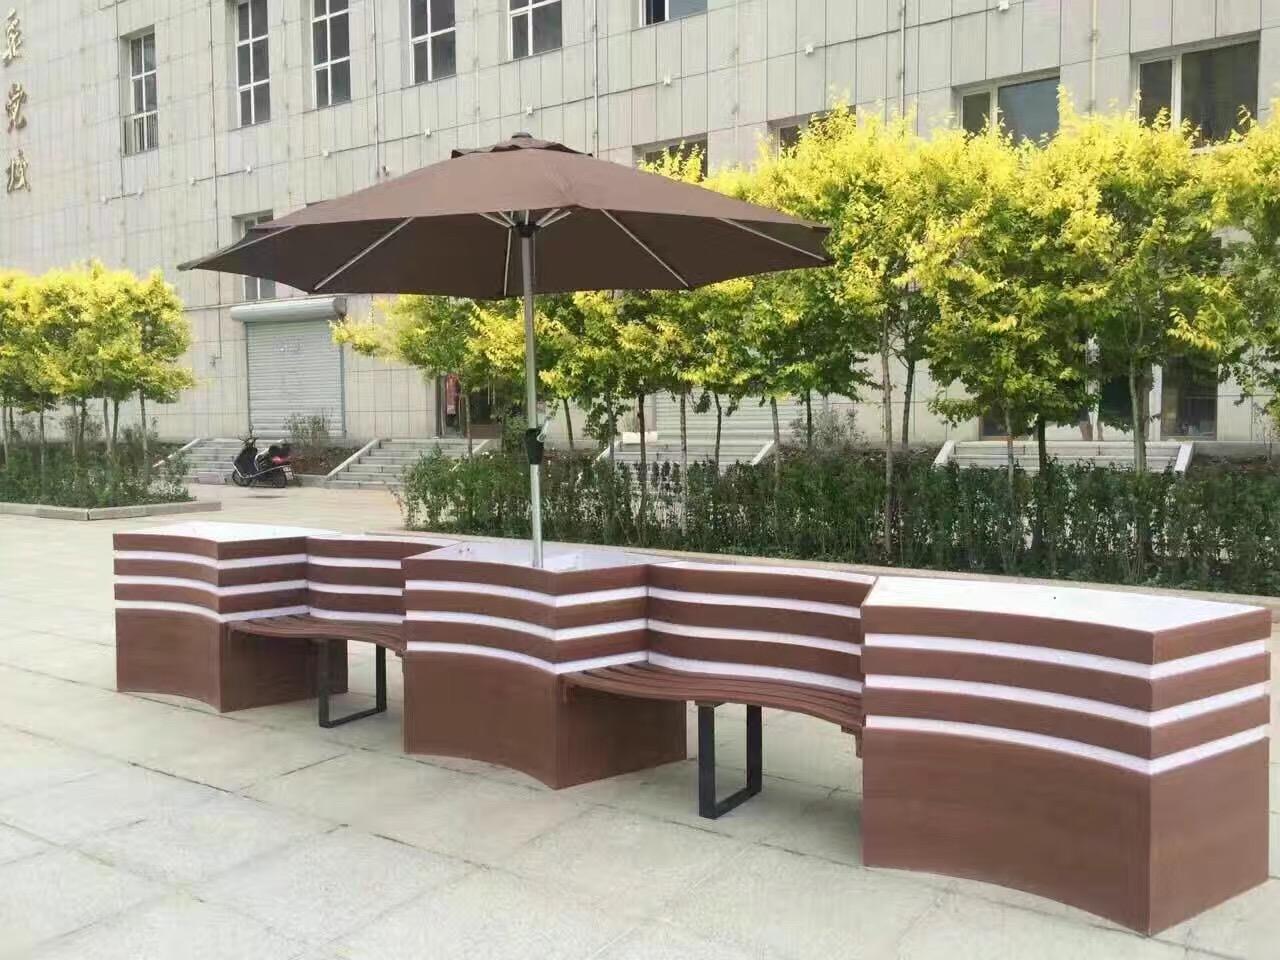 隔离带PVC花箱(S形座椅花箱)